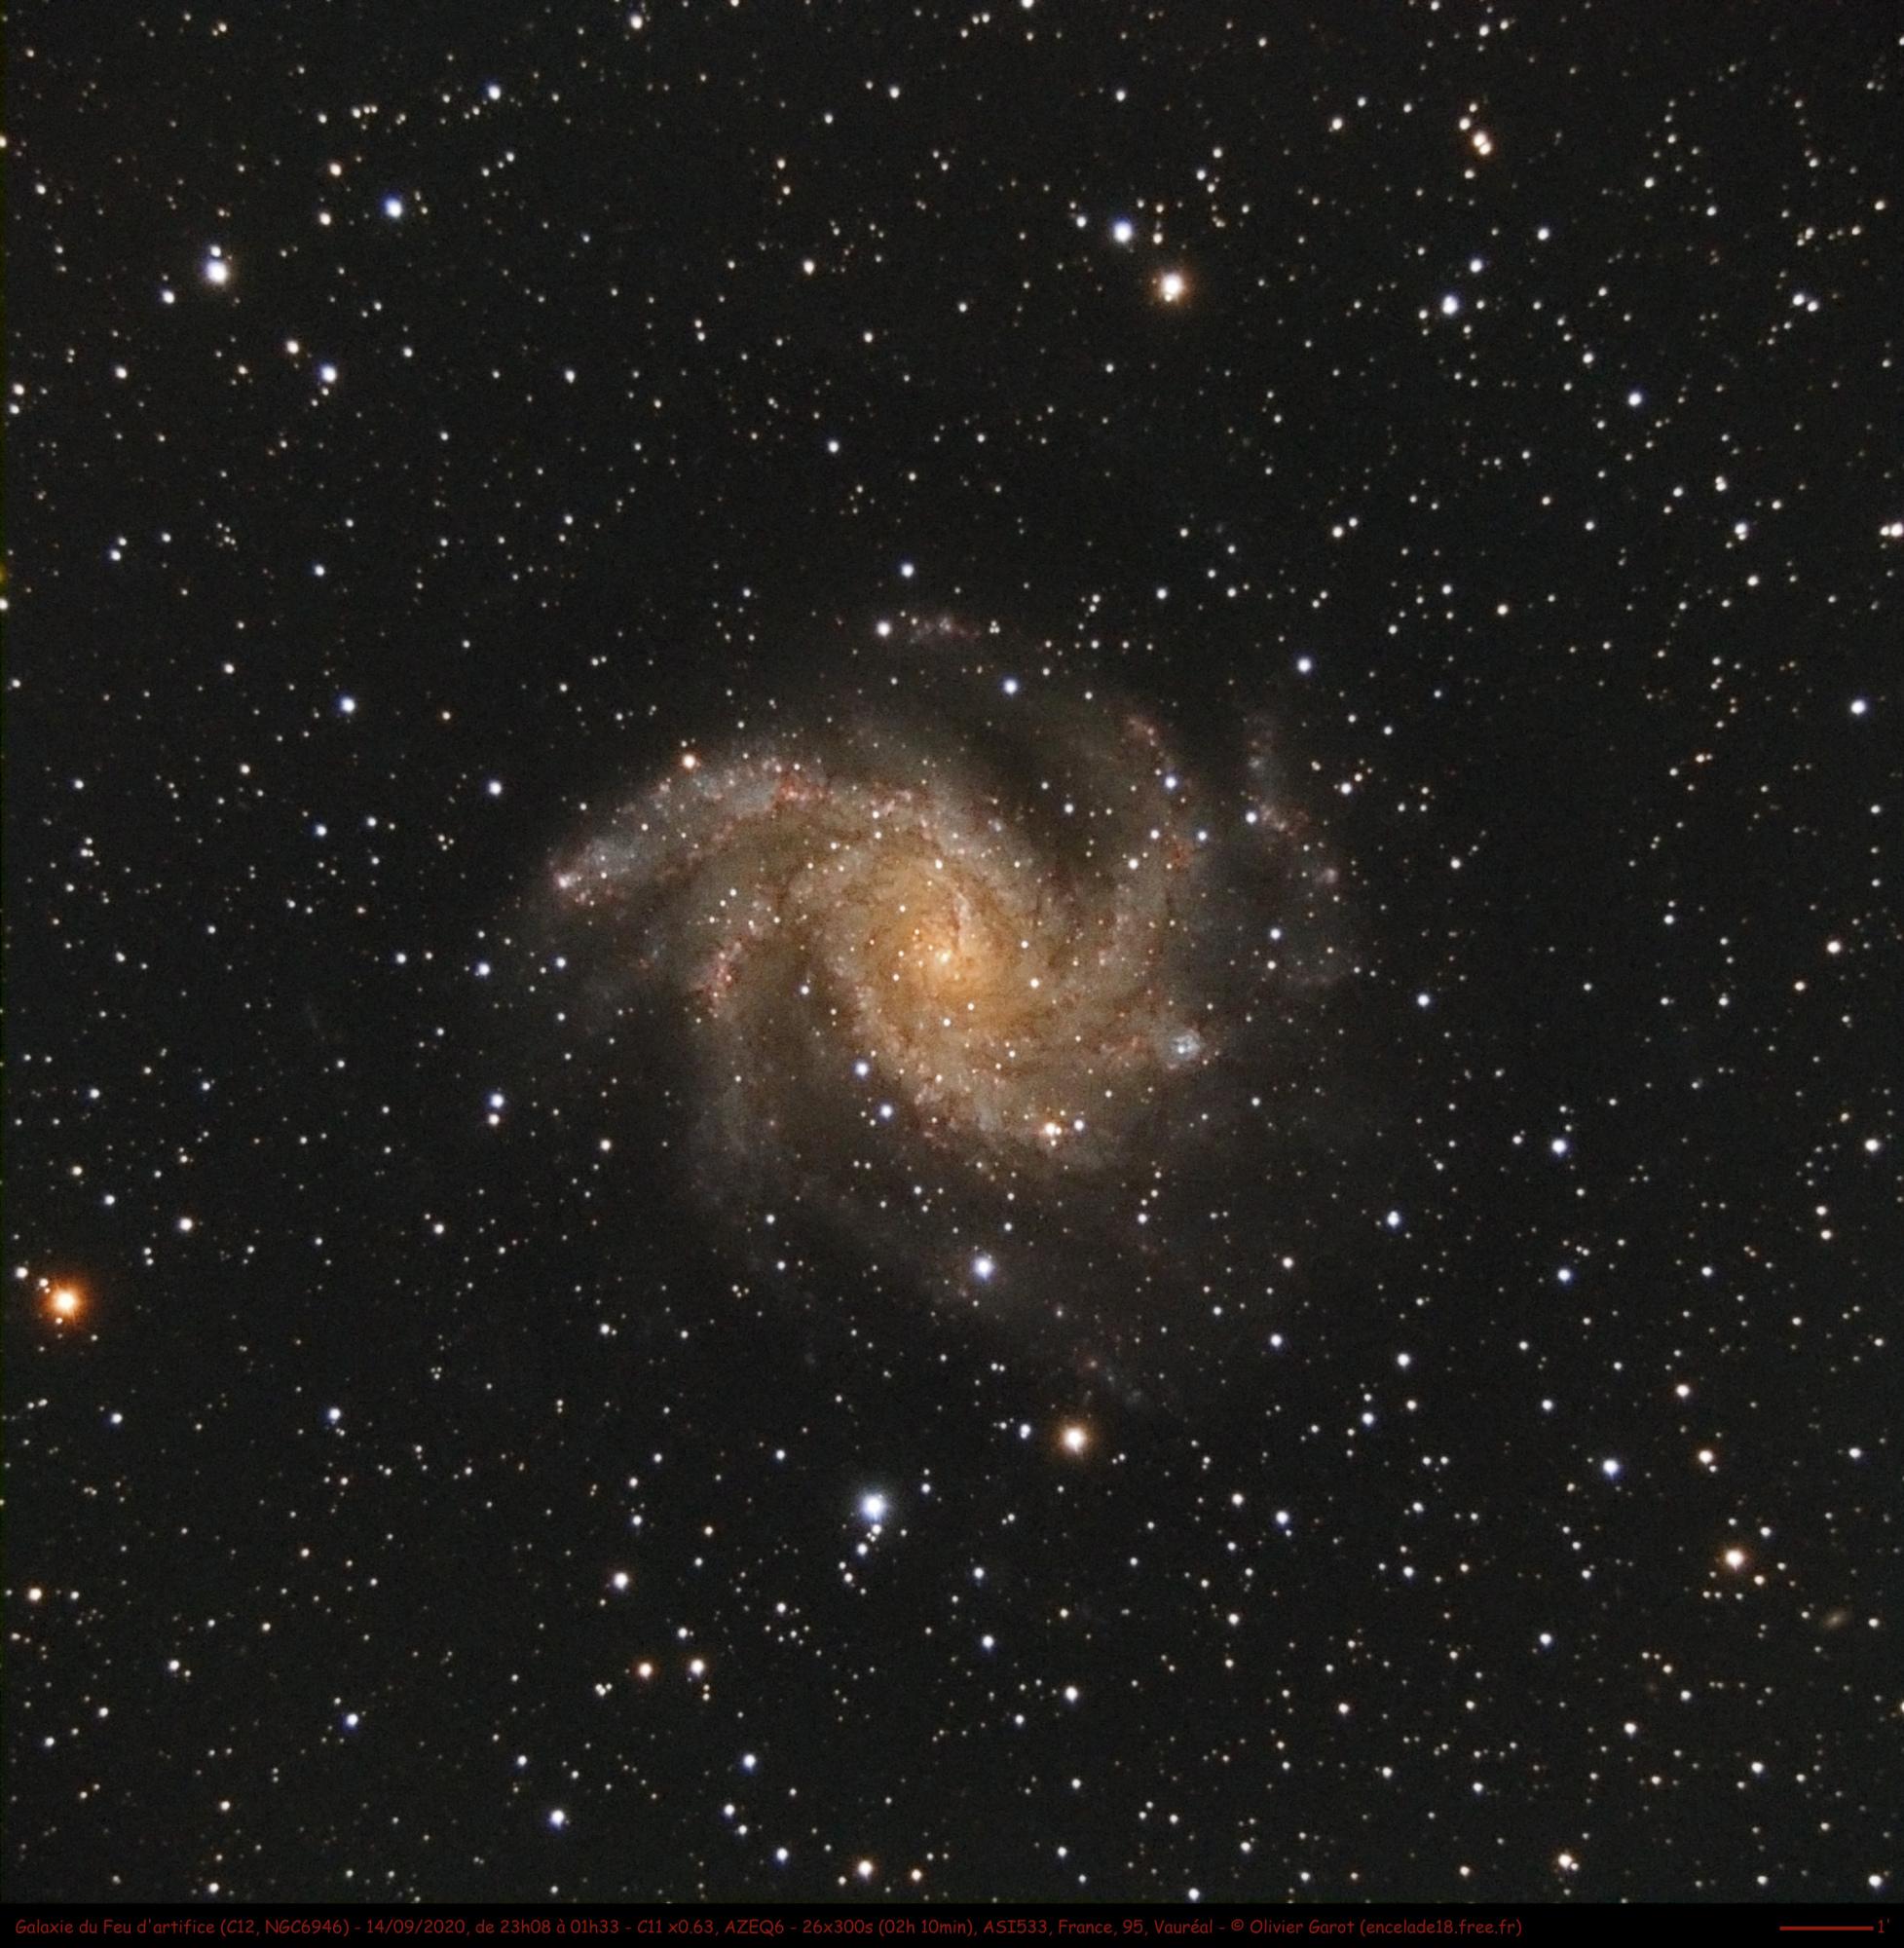 NGC6946_2020_09_14_SSFW_DOF_26im300s_c_s_eG_ecp_th02_MFth0205_RB_tftc1_rbm_MFo2_MFs_MFb_nivGA_tg1_og.thumb.jpg.59067d77e5a6a5f5b7b76fce84cd8f69.jpg